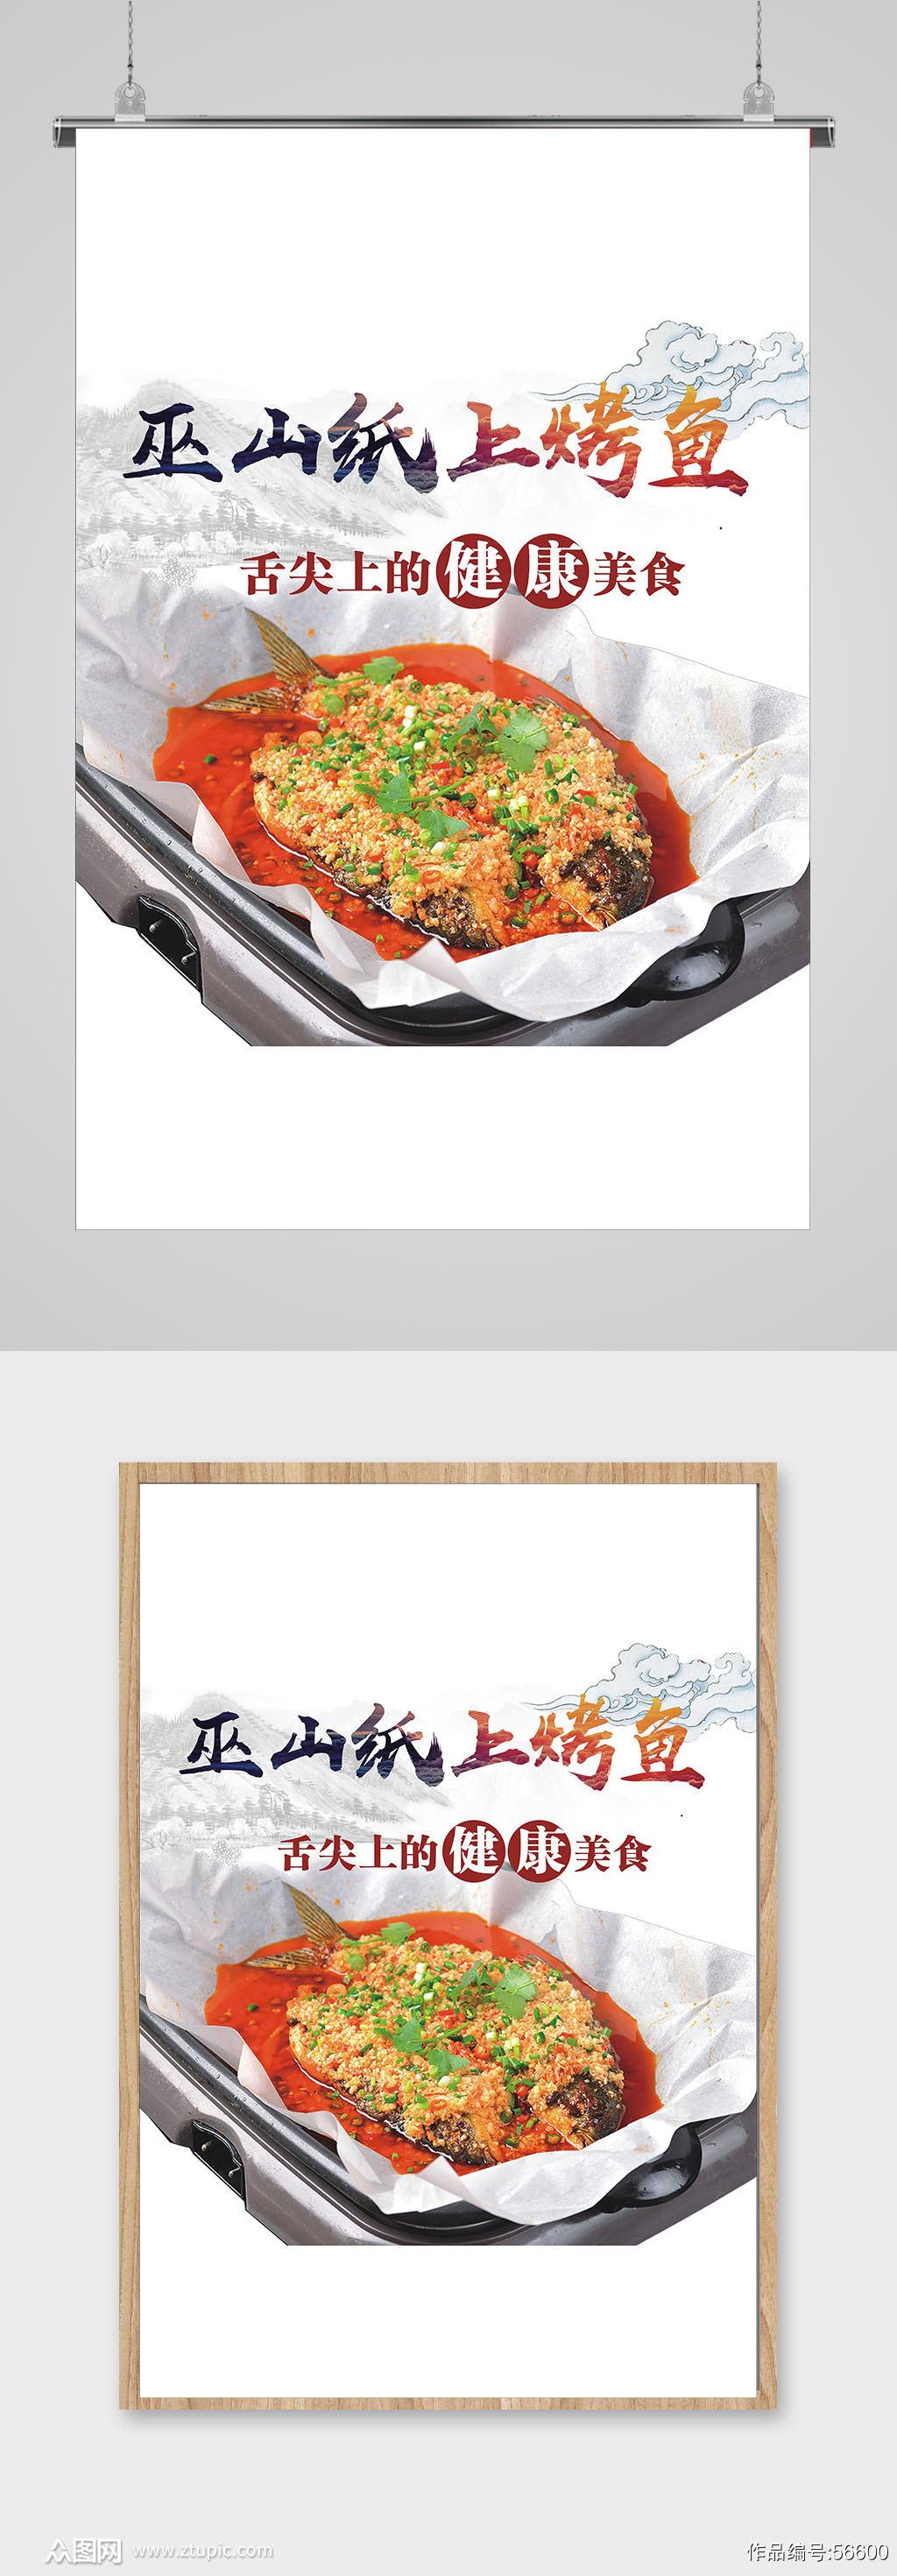 纸上烤鱼海报素材